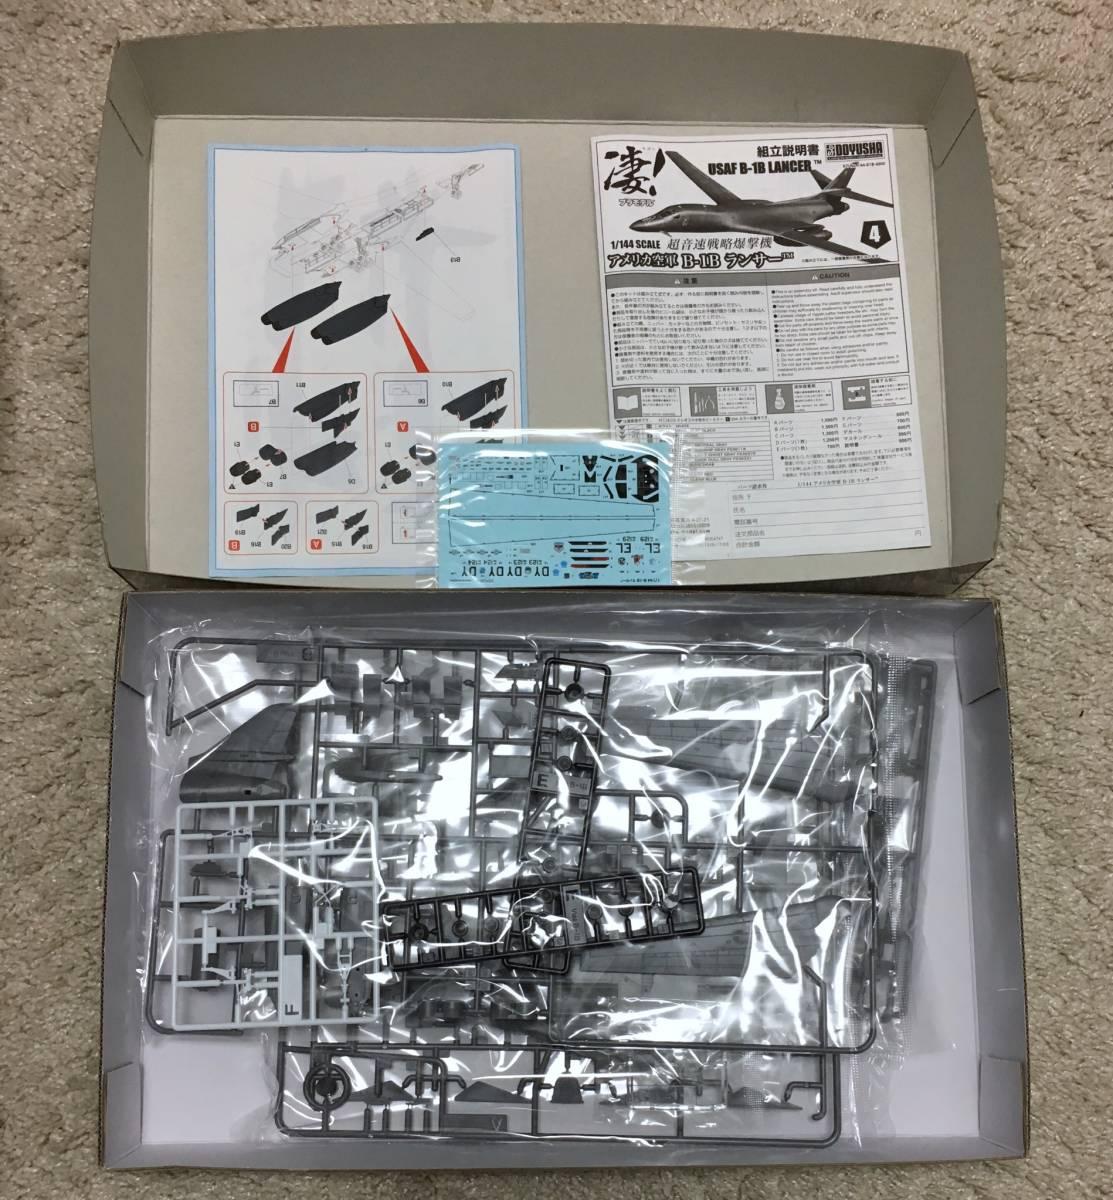 新品 童友社 凄! プラモデル シリーズ第4弾 1/144 アメリカ空軍 B-1B ランサー 超音速戦略爆撃機_画像2